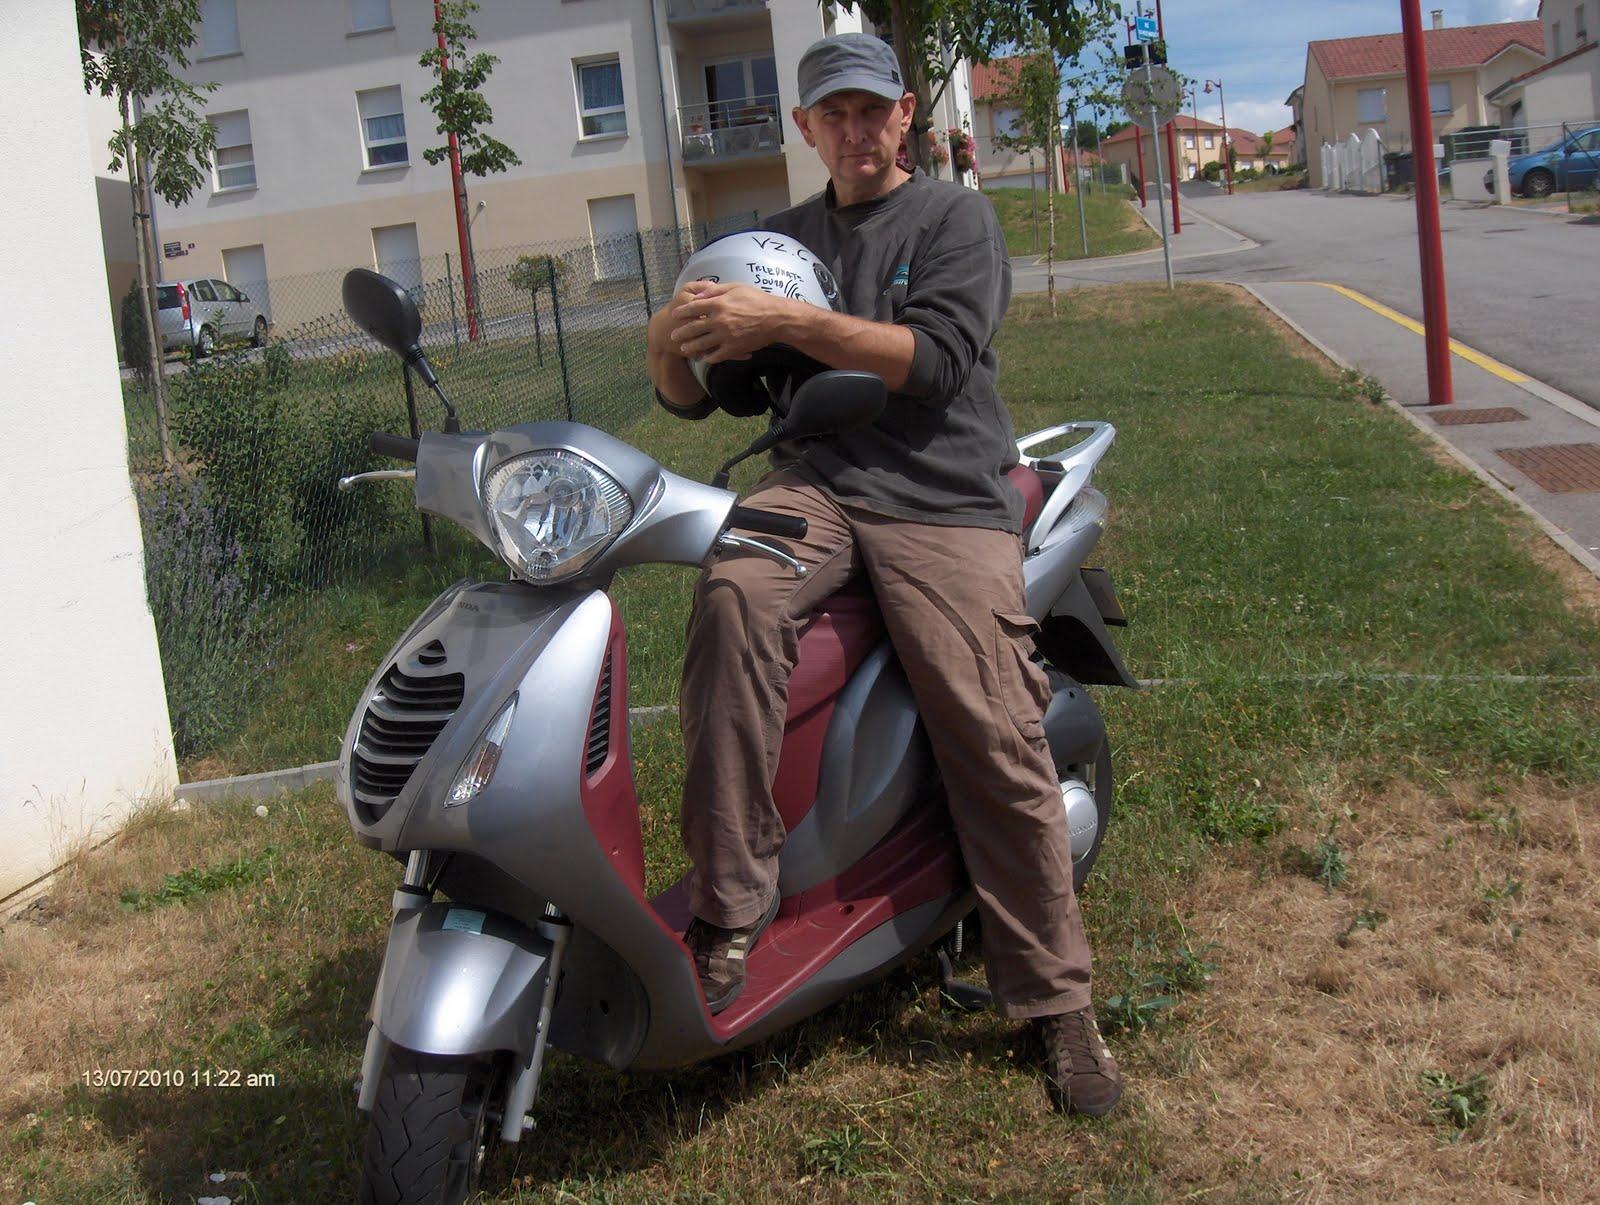 el 39 t le meilleur scooter 125cc du monde et je ne suis pas sourd mais certe metteur. Black Bedroom Furniture Sets. Home Design Ideas